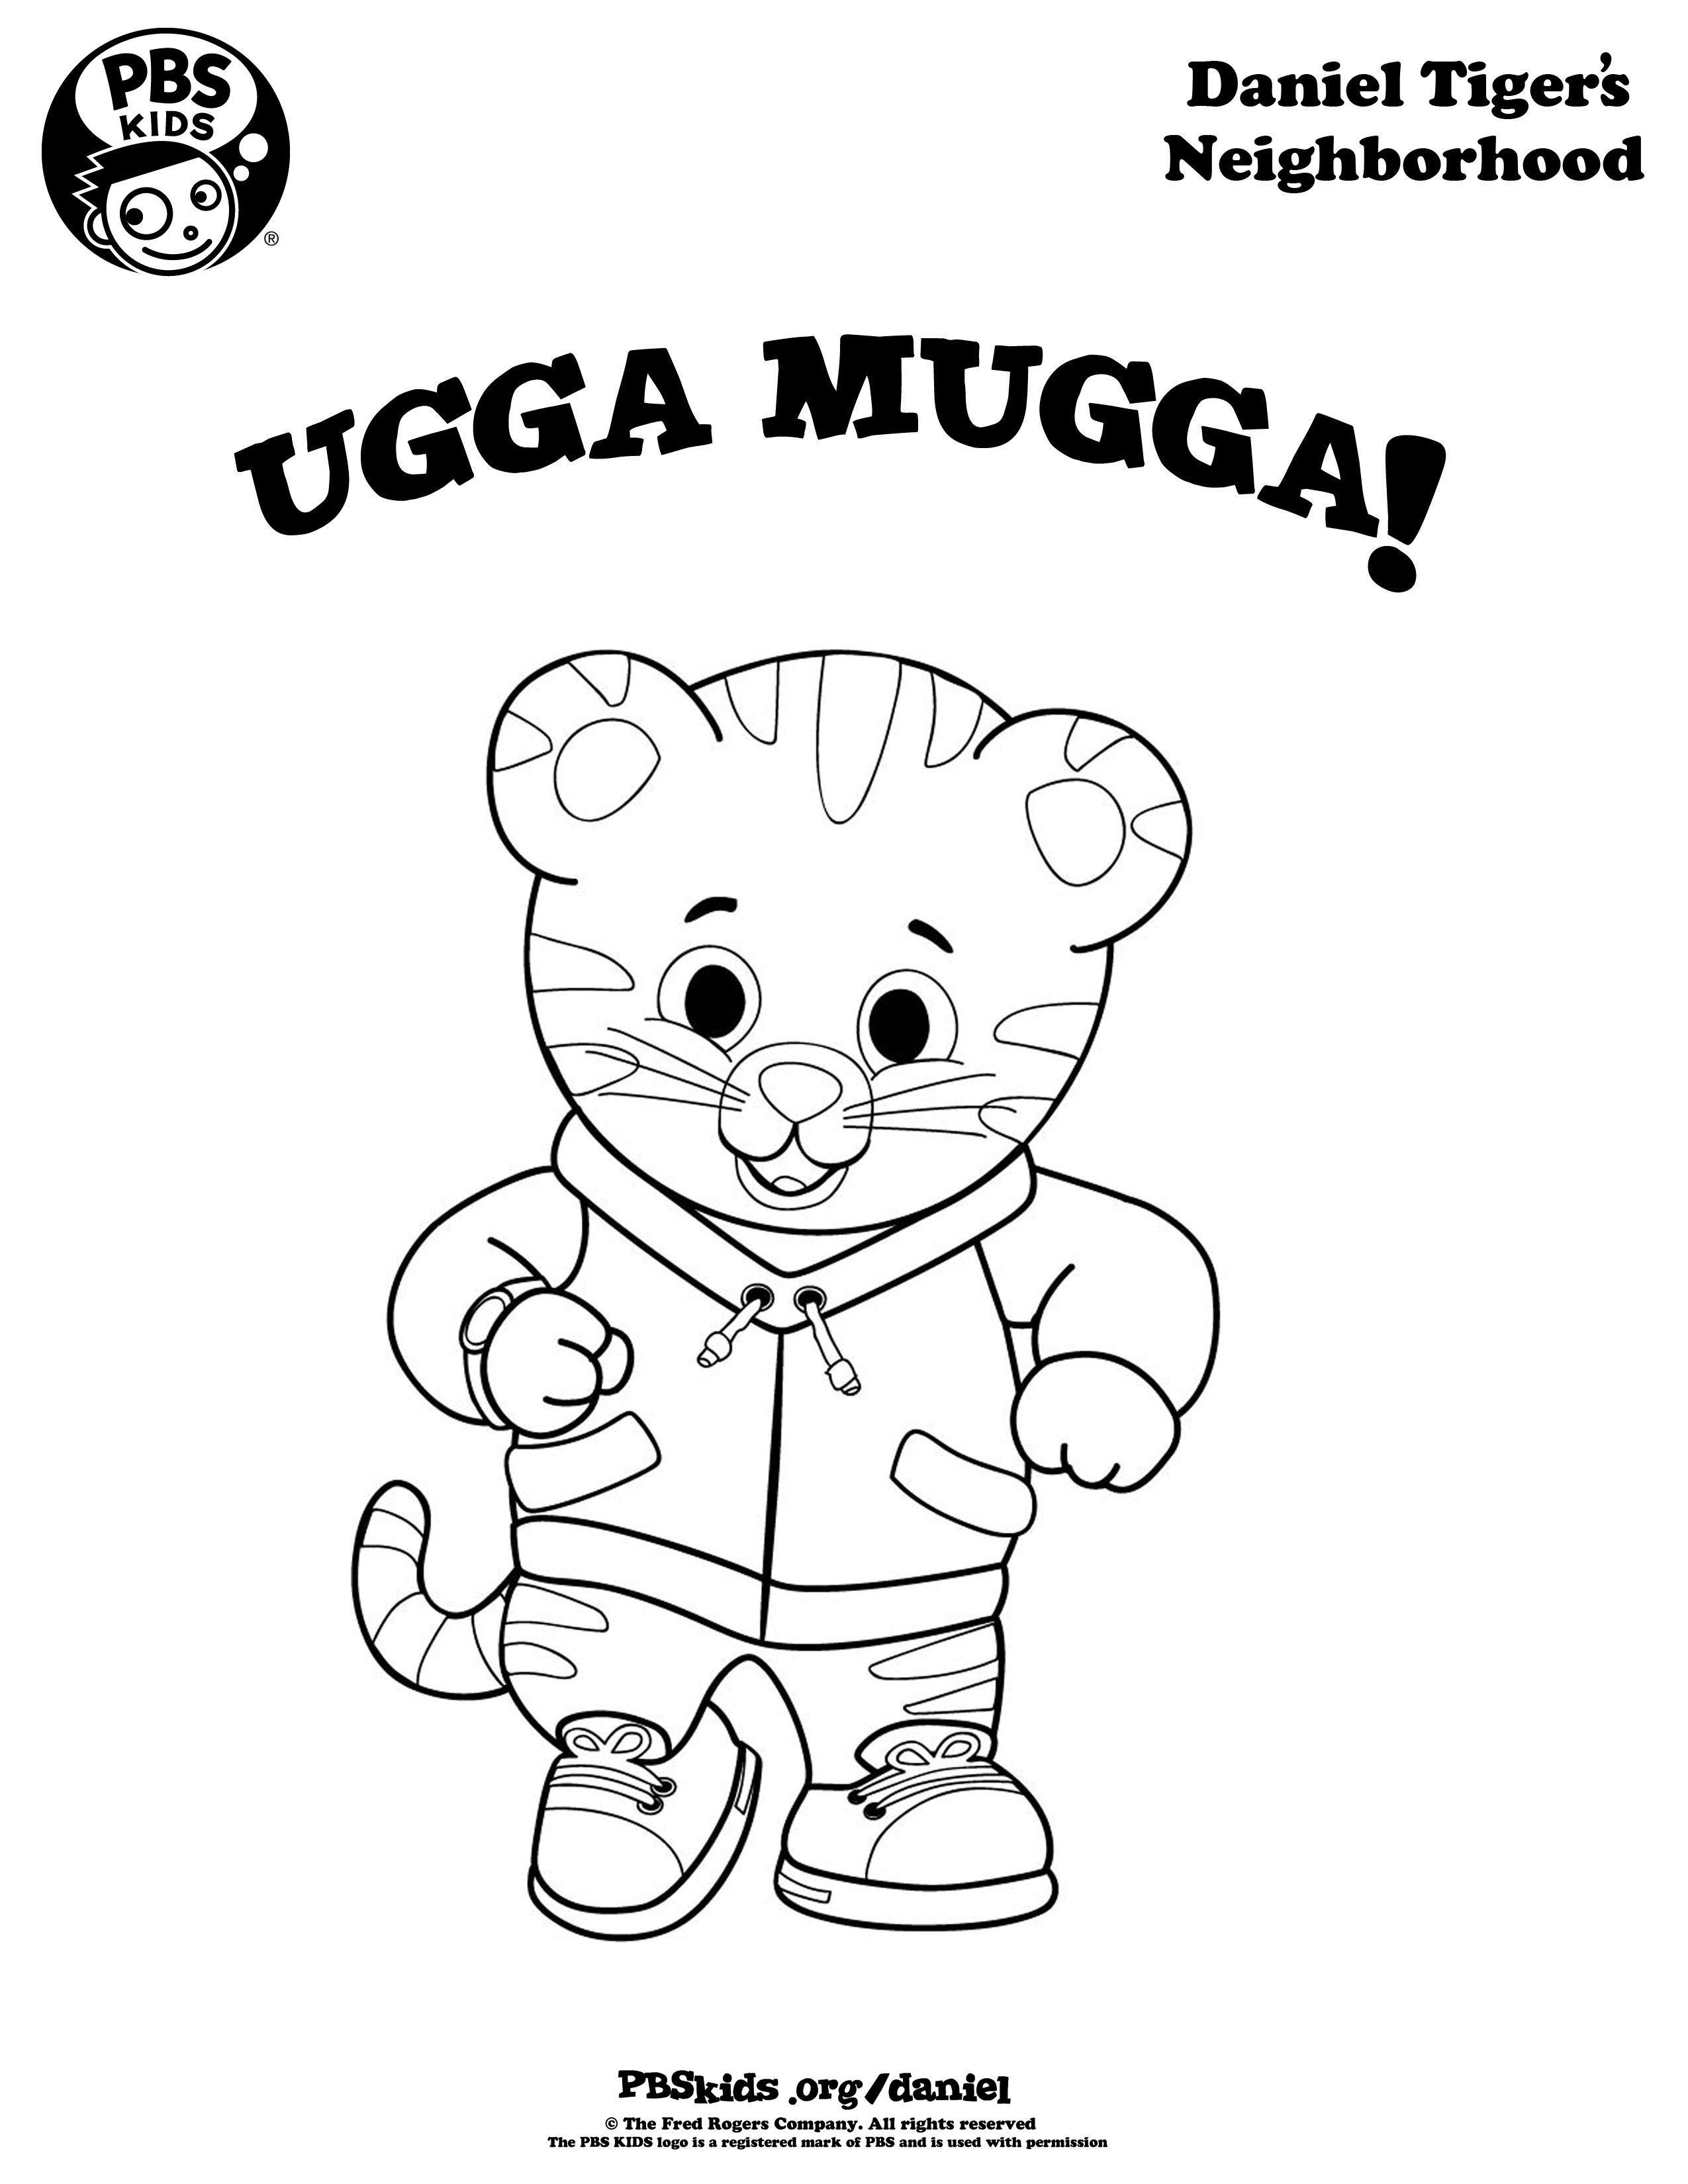 Ugga Mugga! Daniel Tiger Coloring Page! #wqed #pbskids